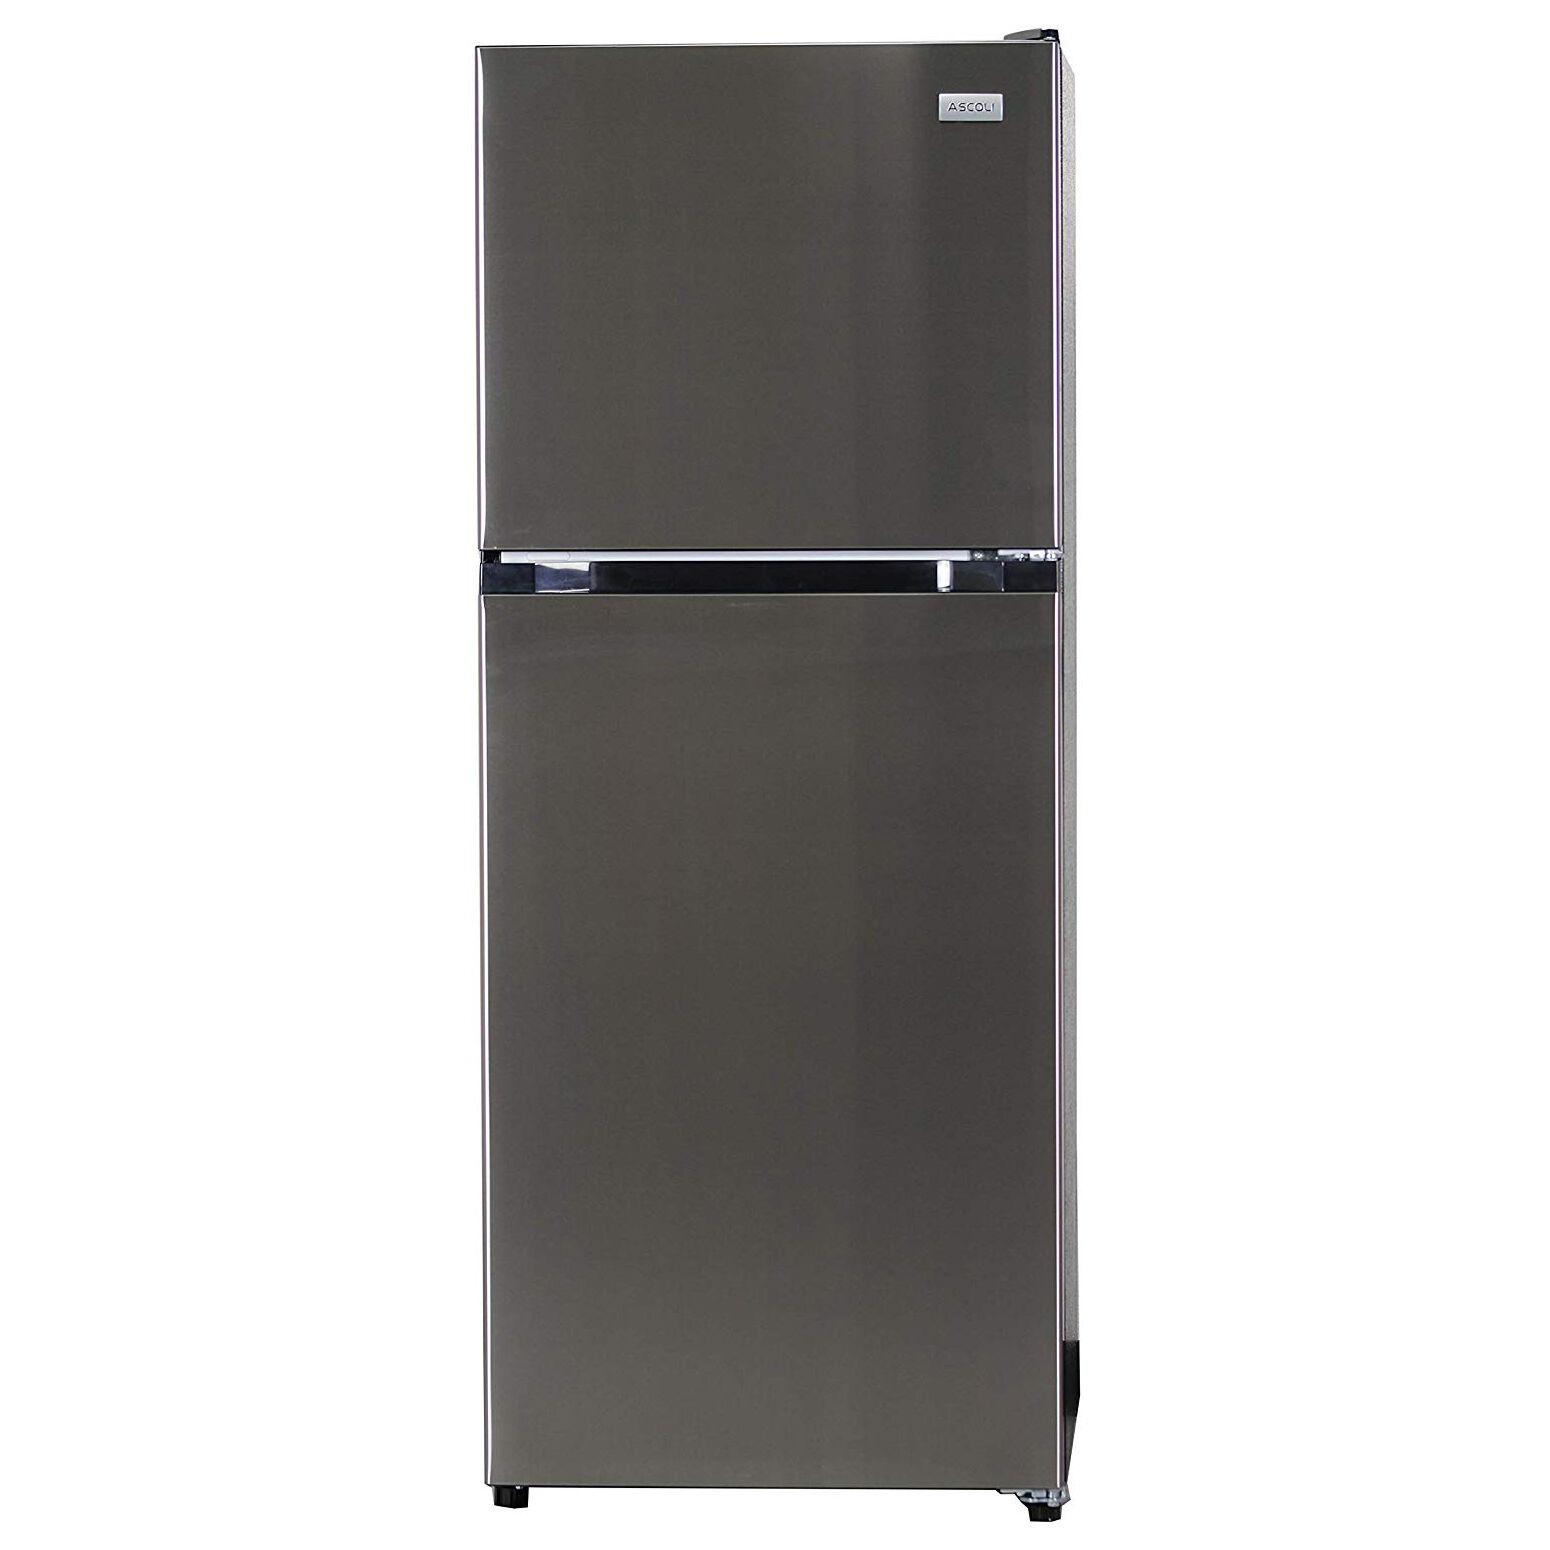 Equator Advanced Appliances Equator Ascoli 10.5 cu. ft. Refrigerator with Top Freezer, Stainless